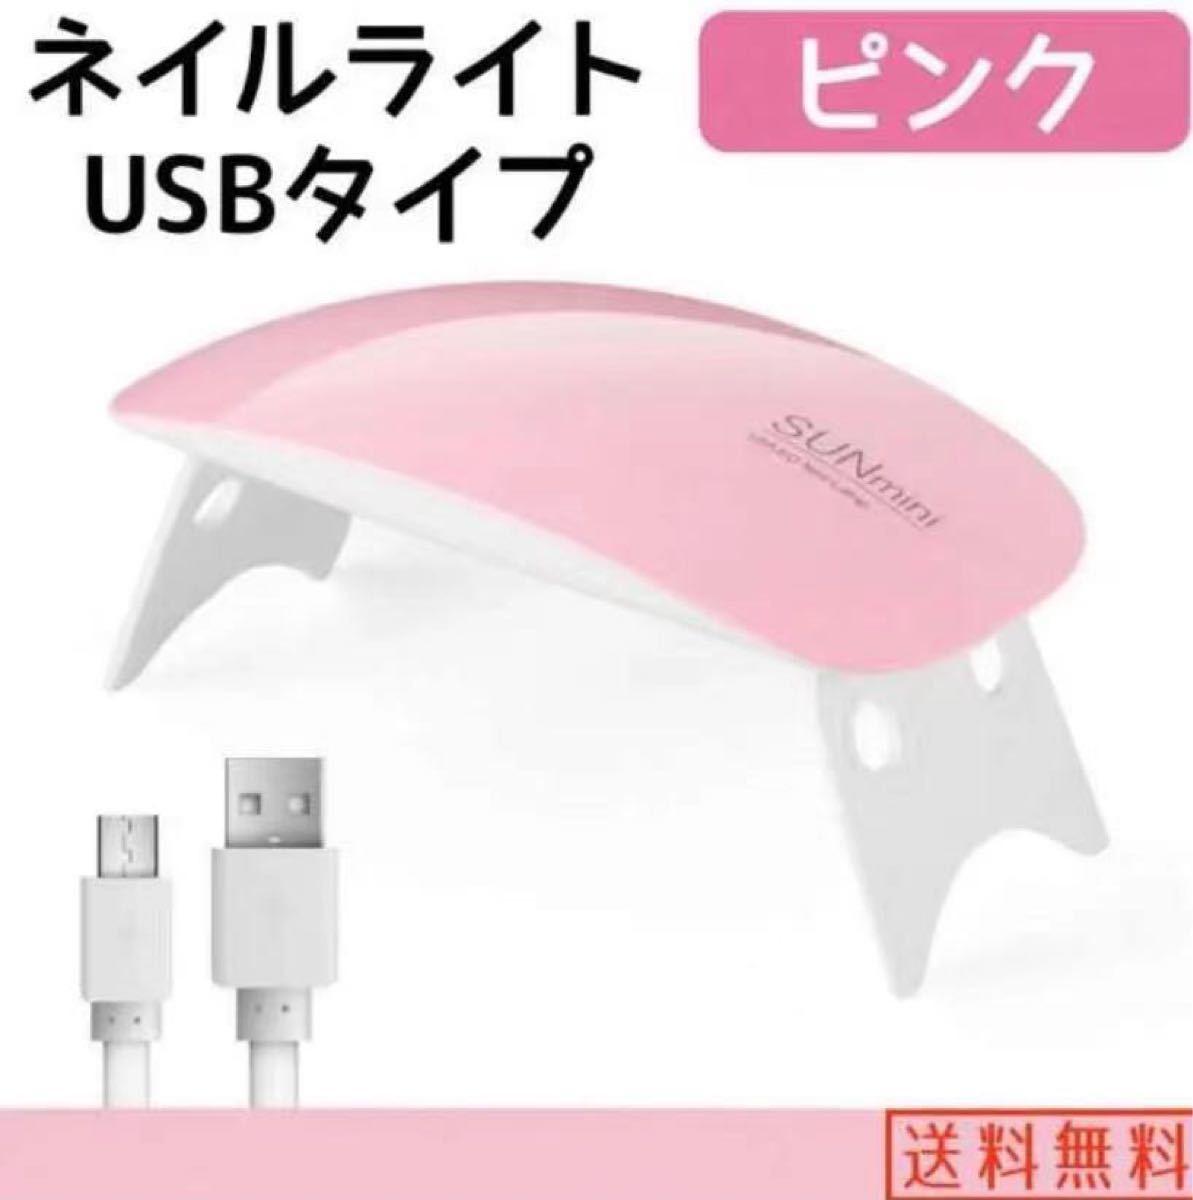 ネイルライト 白 ホワイト ジェルネイル USB UVライト レジン硬化 激安 即日発送